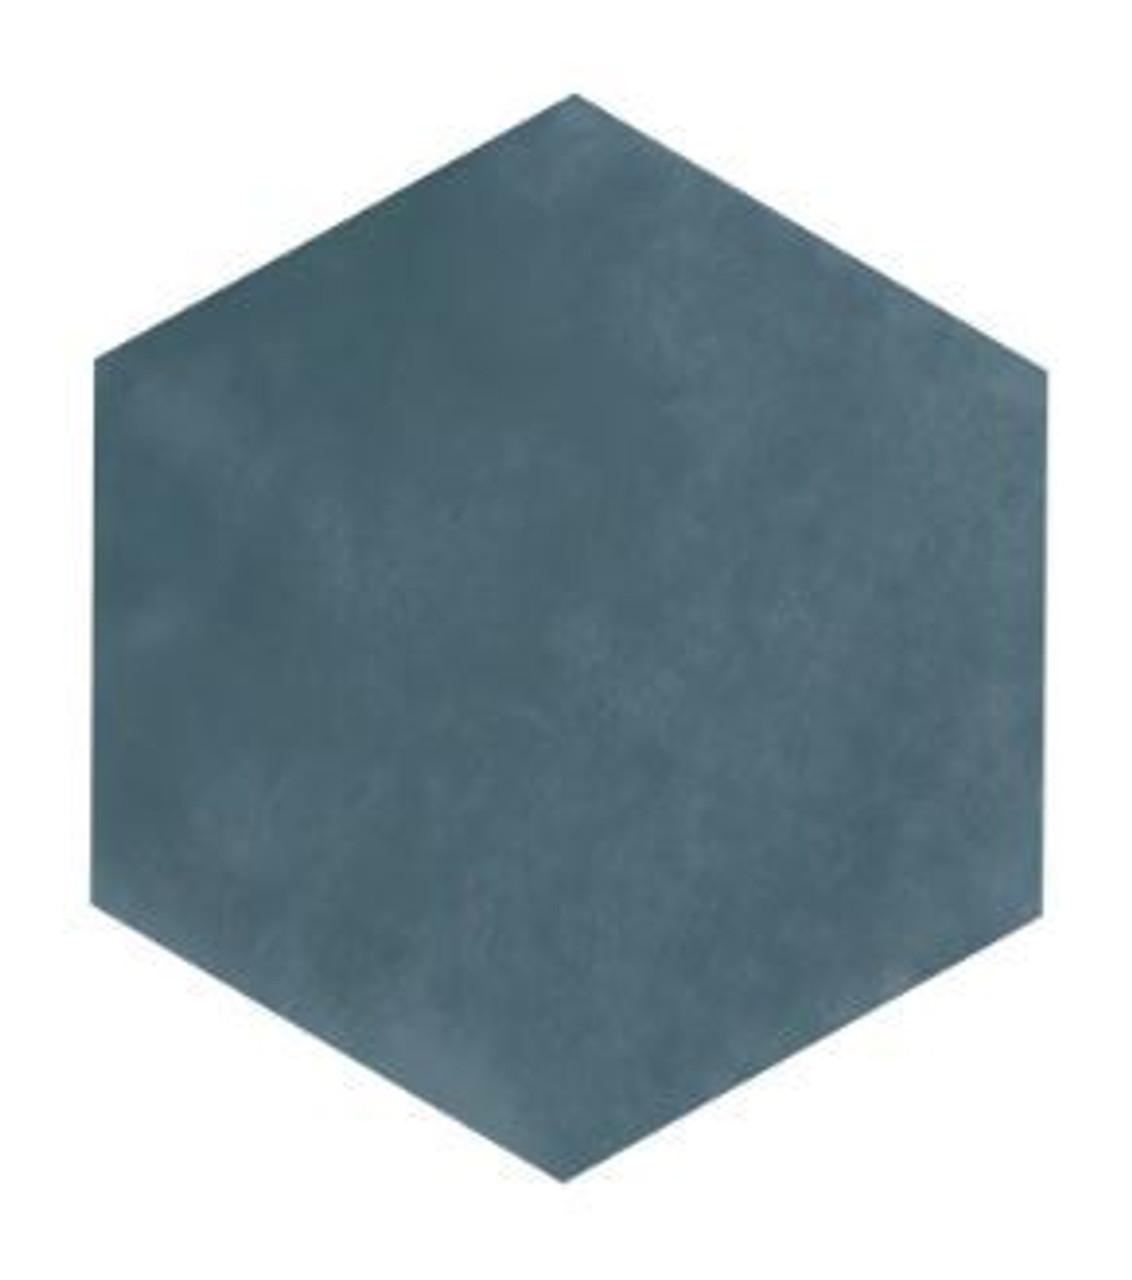 Ceramic Hexagon Wall Tiles